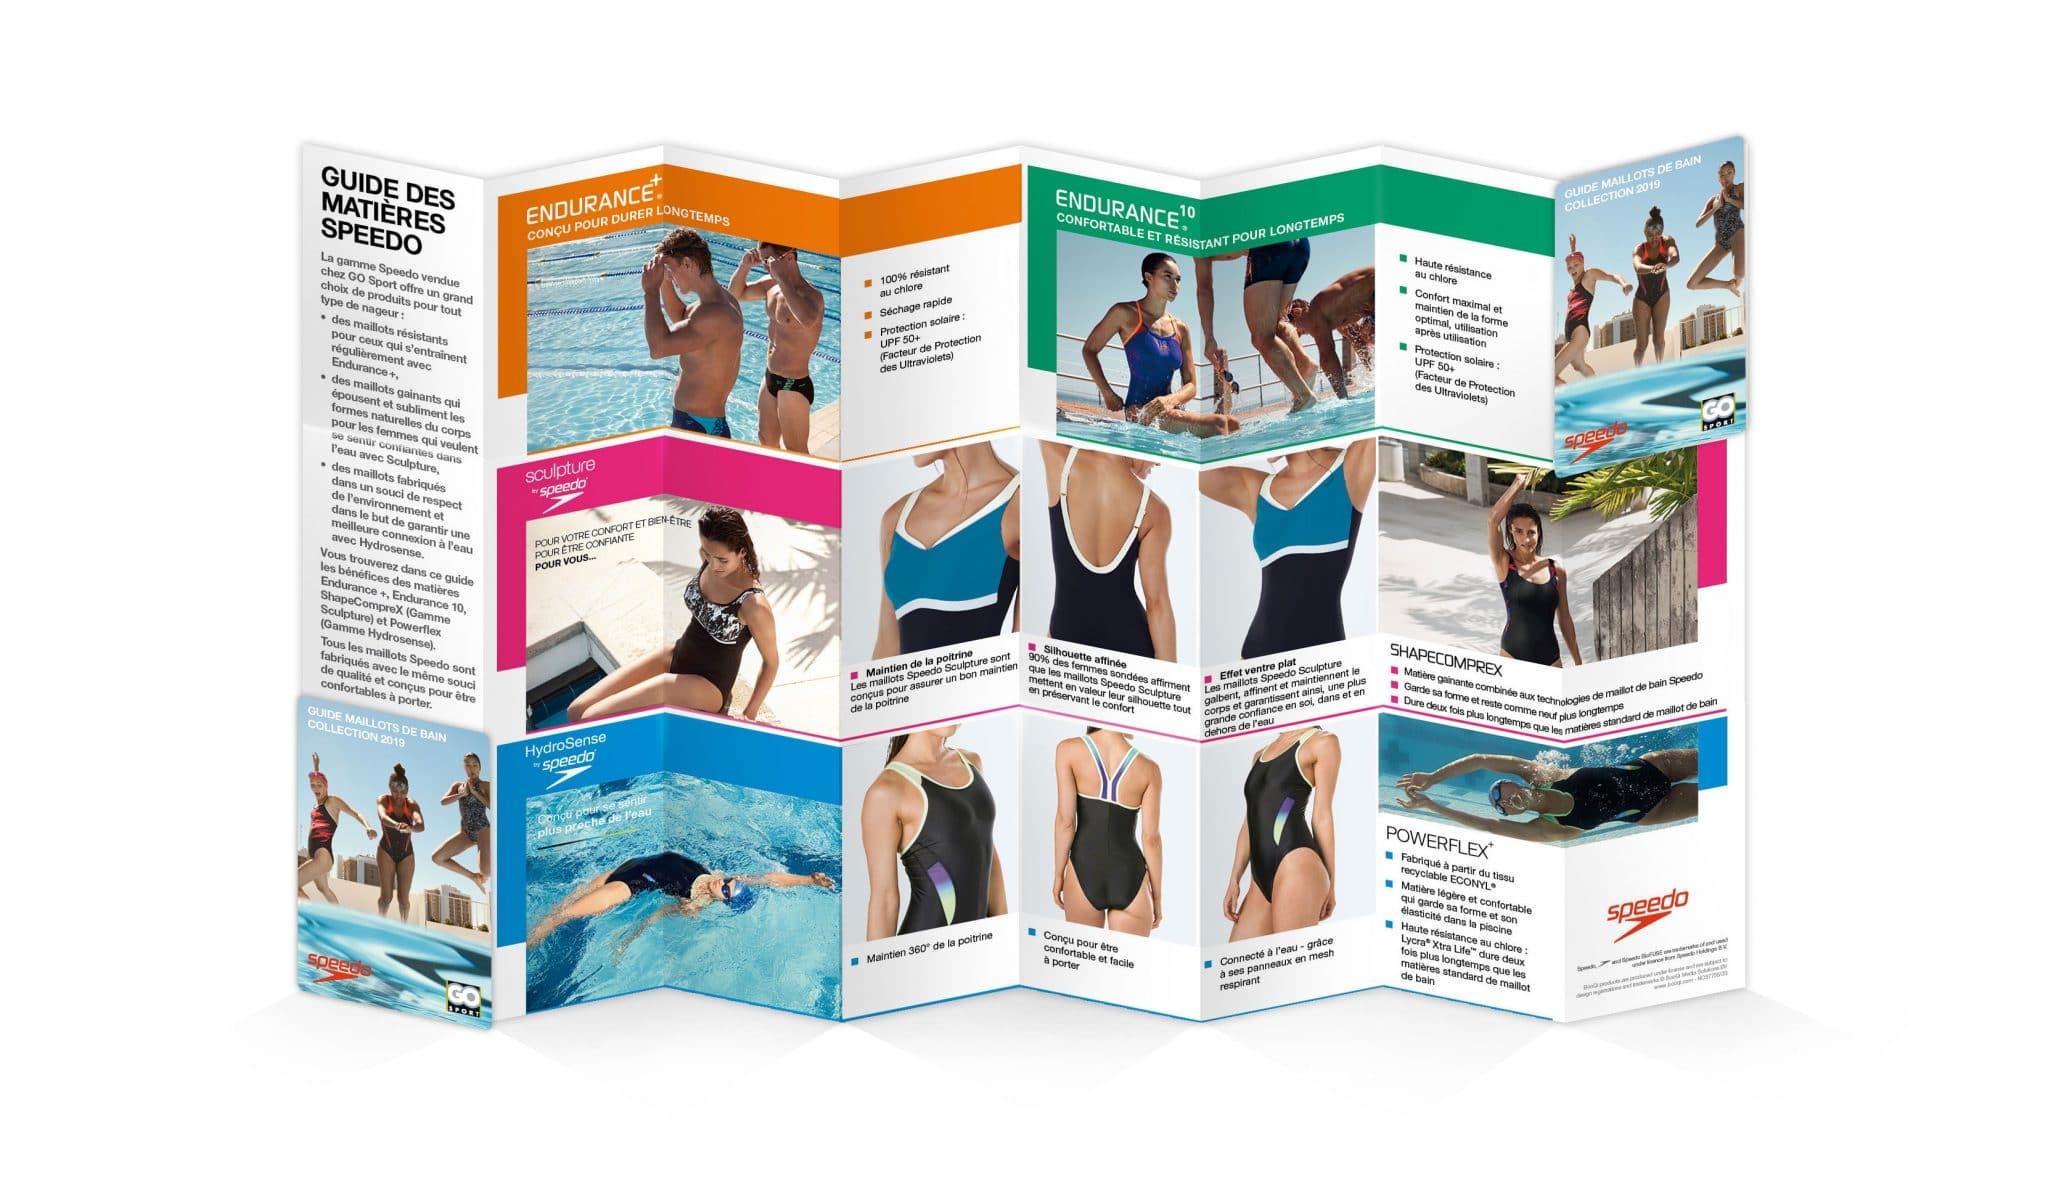 Il y a un pocket guide maillots de bain de la marque Anglaise Speedo. Support réalisé par l'agence de communication print et digitale Siouxe, à Paris